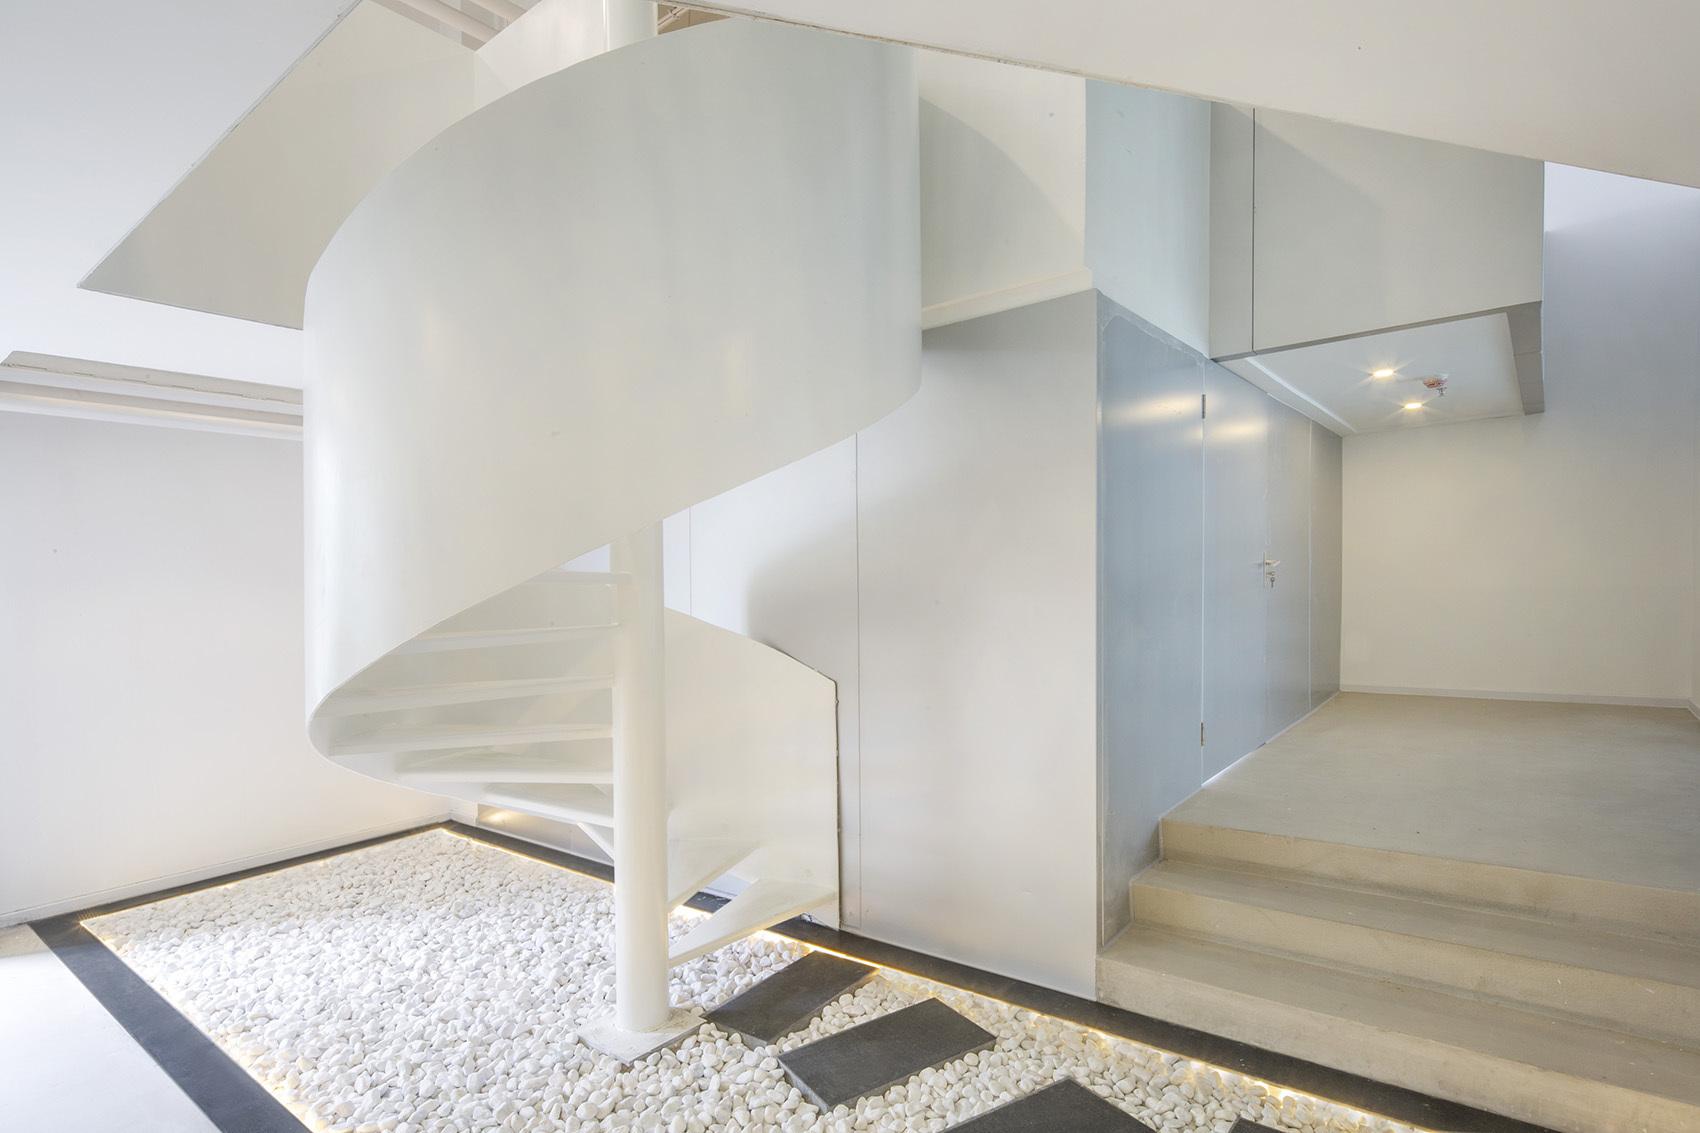 重庆办公室装修楼梯参考图集